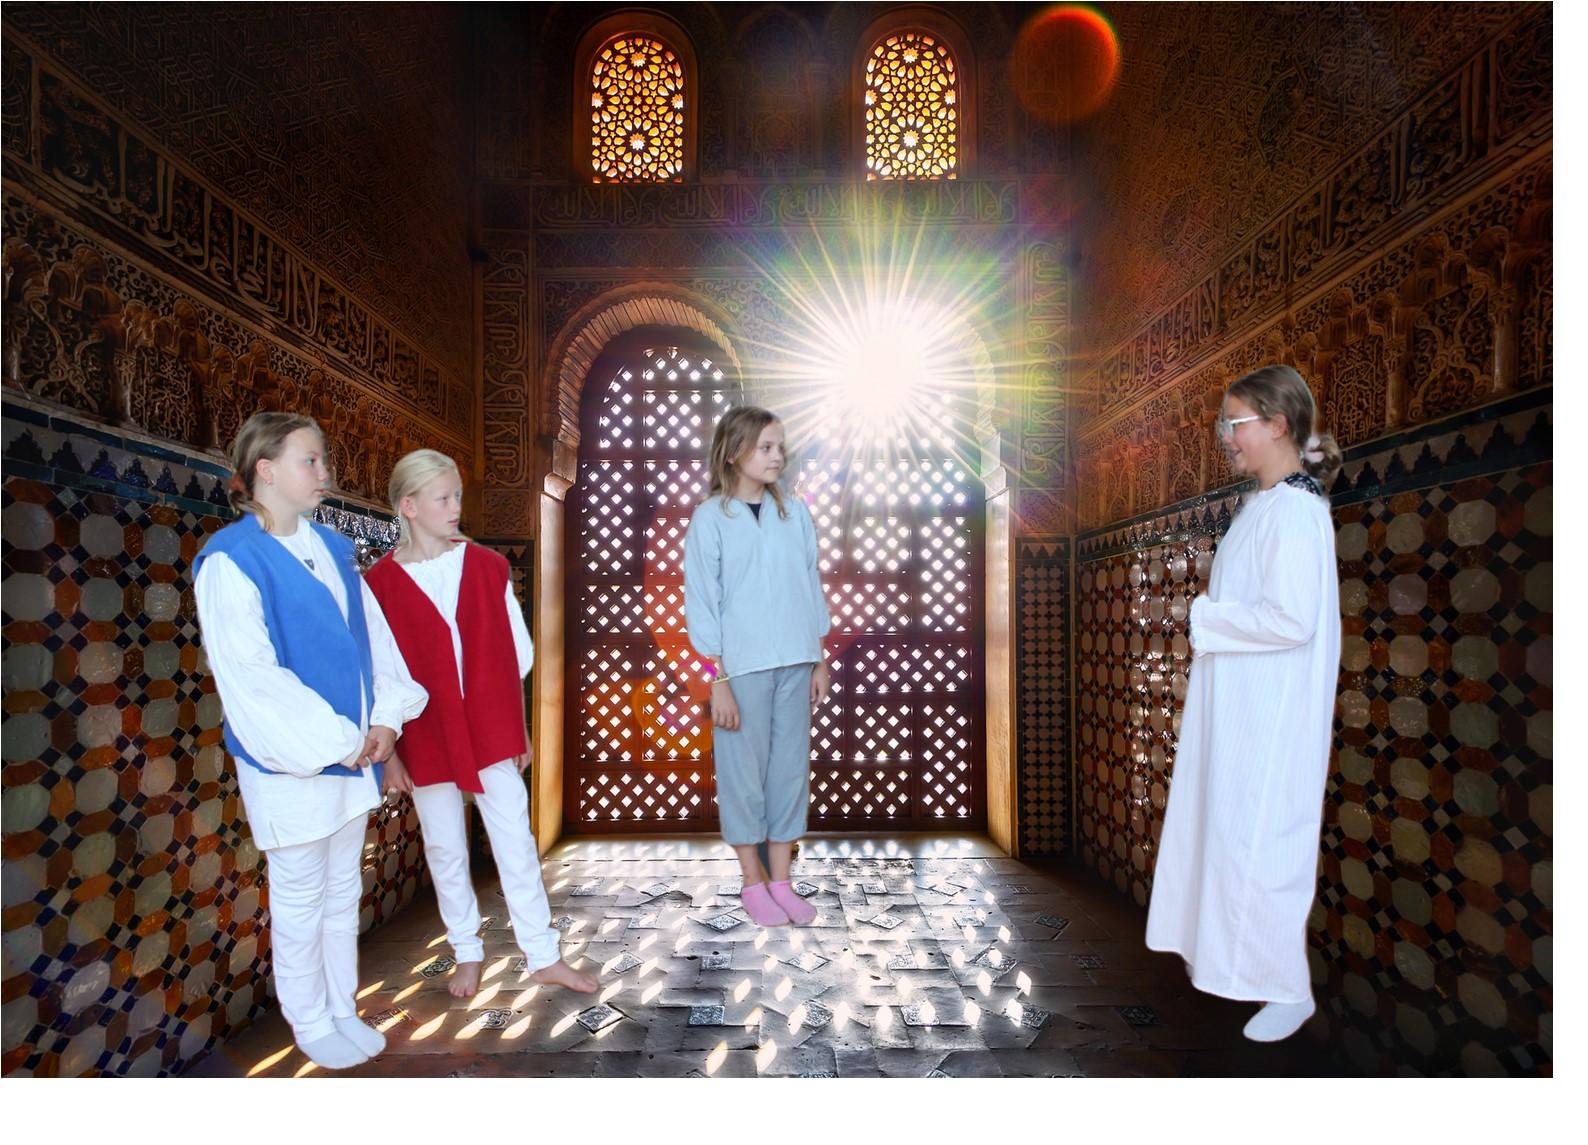 Lirekassen_Ali-Baba og Ali-Bine pressefoto